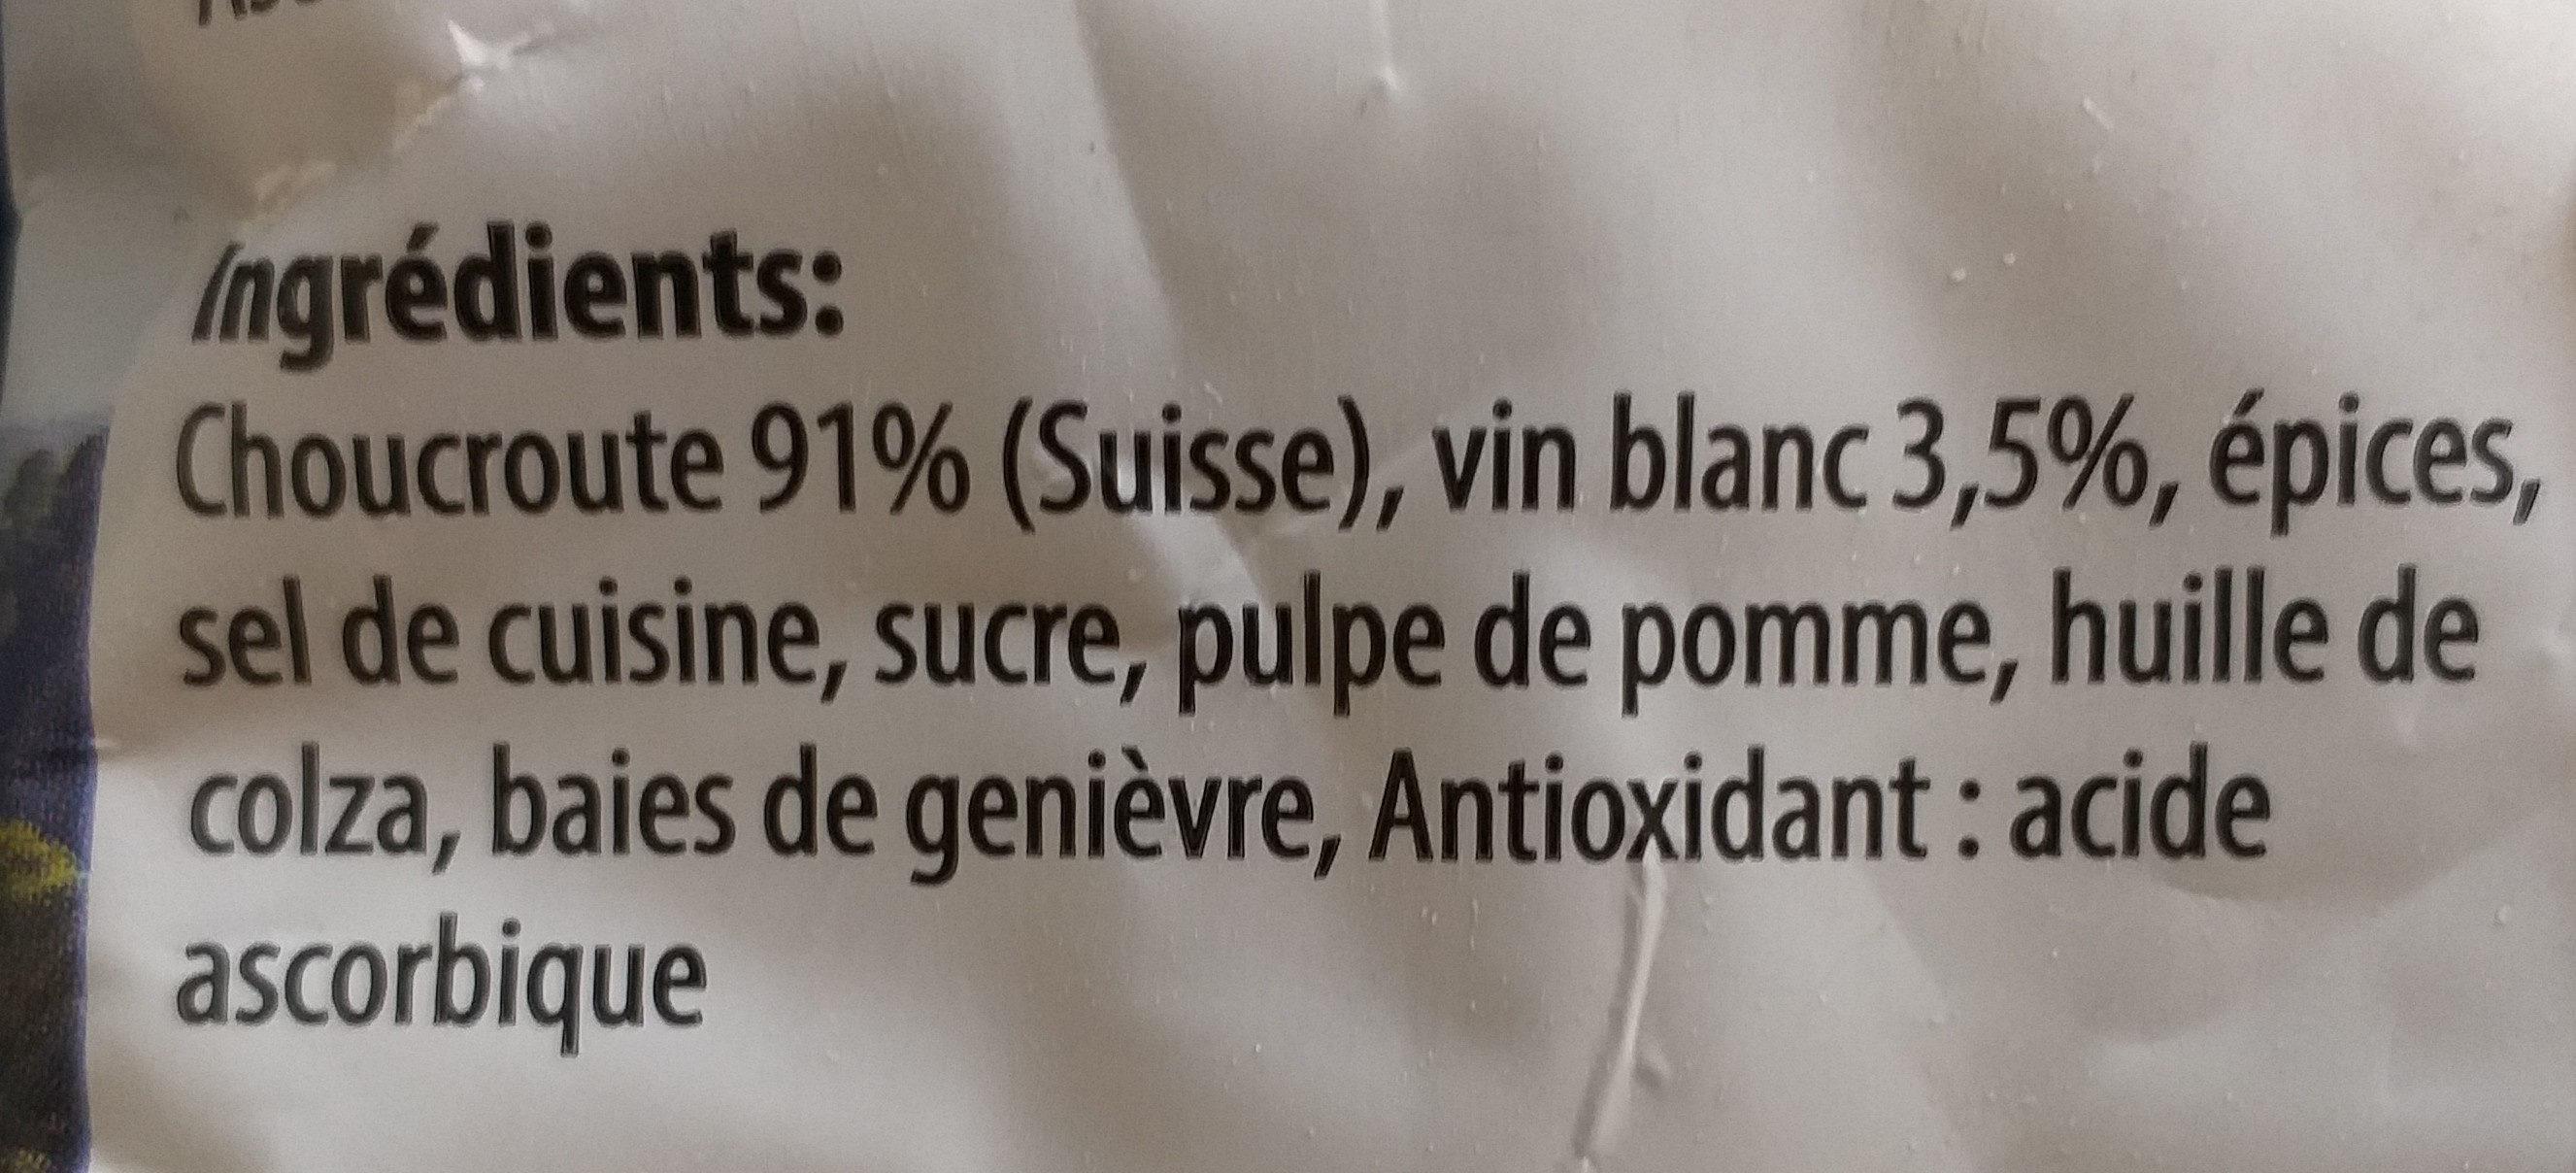 Wein-Sauerkraut / Choucroutte au vin - Ingredients